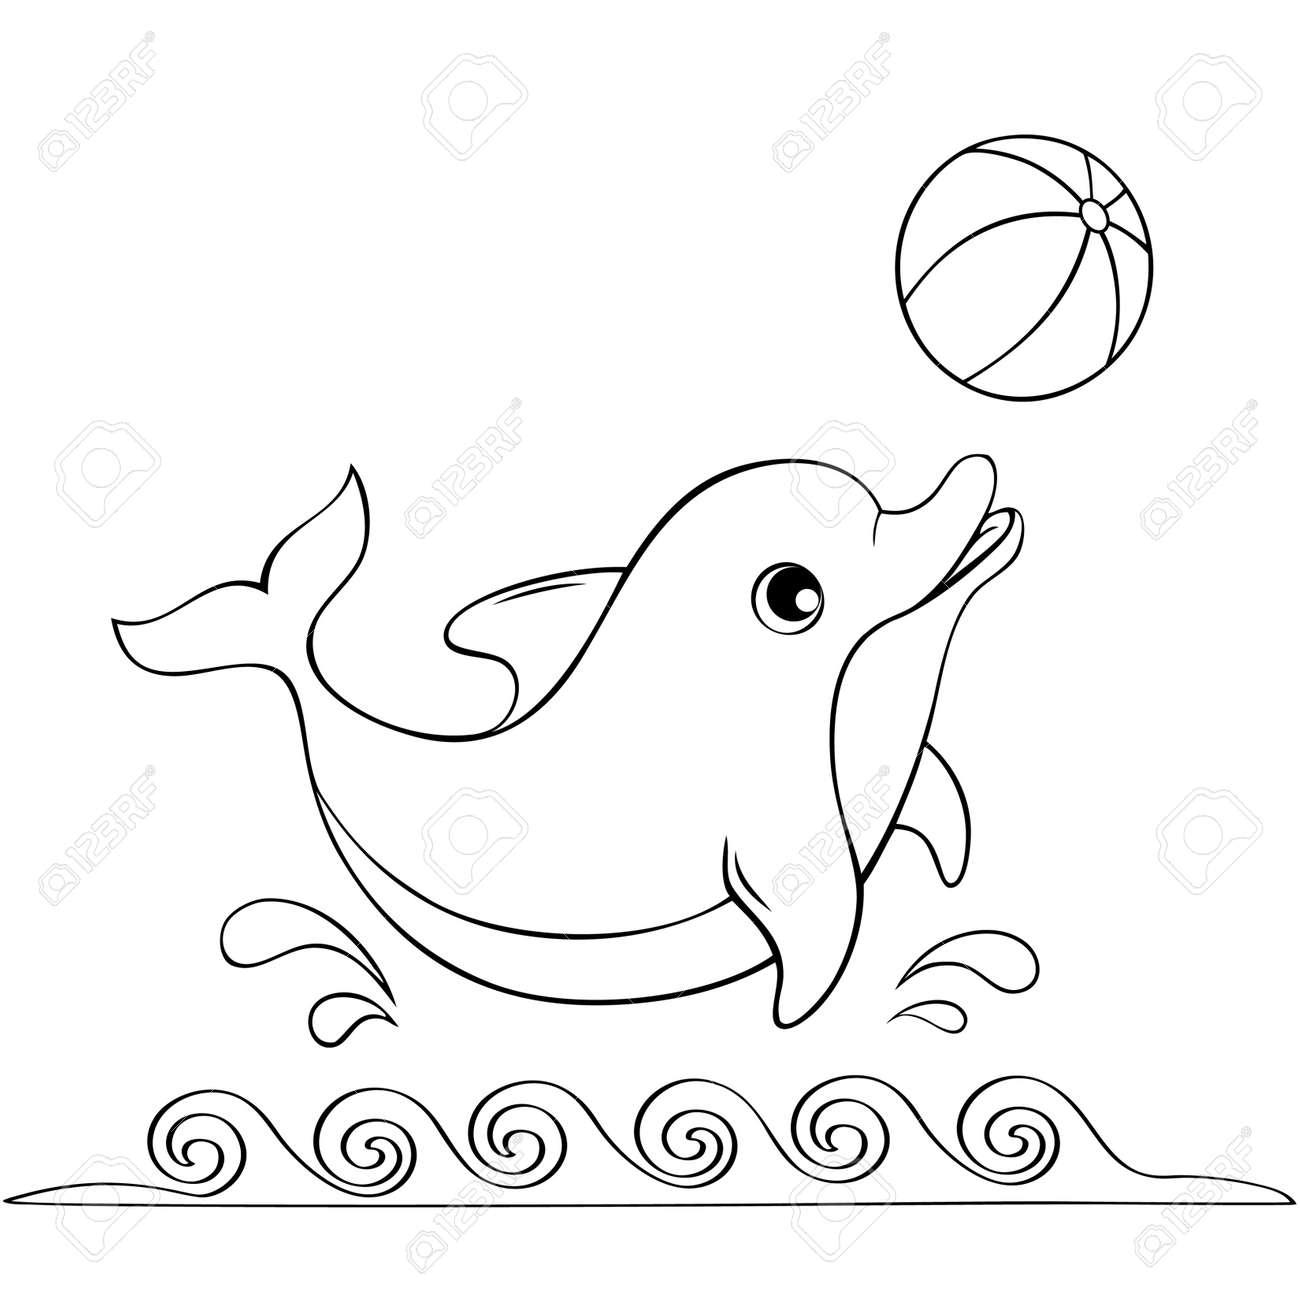 かわいいイルカがボールで遊ぶ塗り絵の黒と白のイラストのイラスト素材